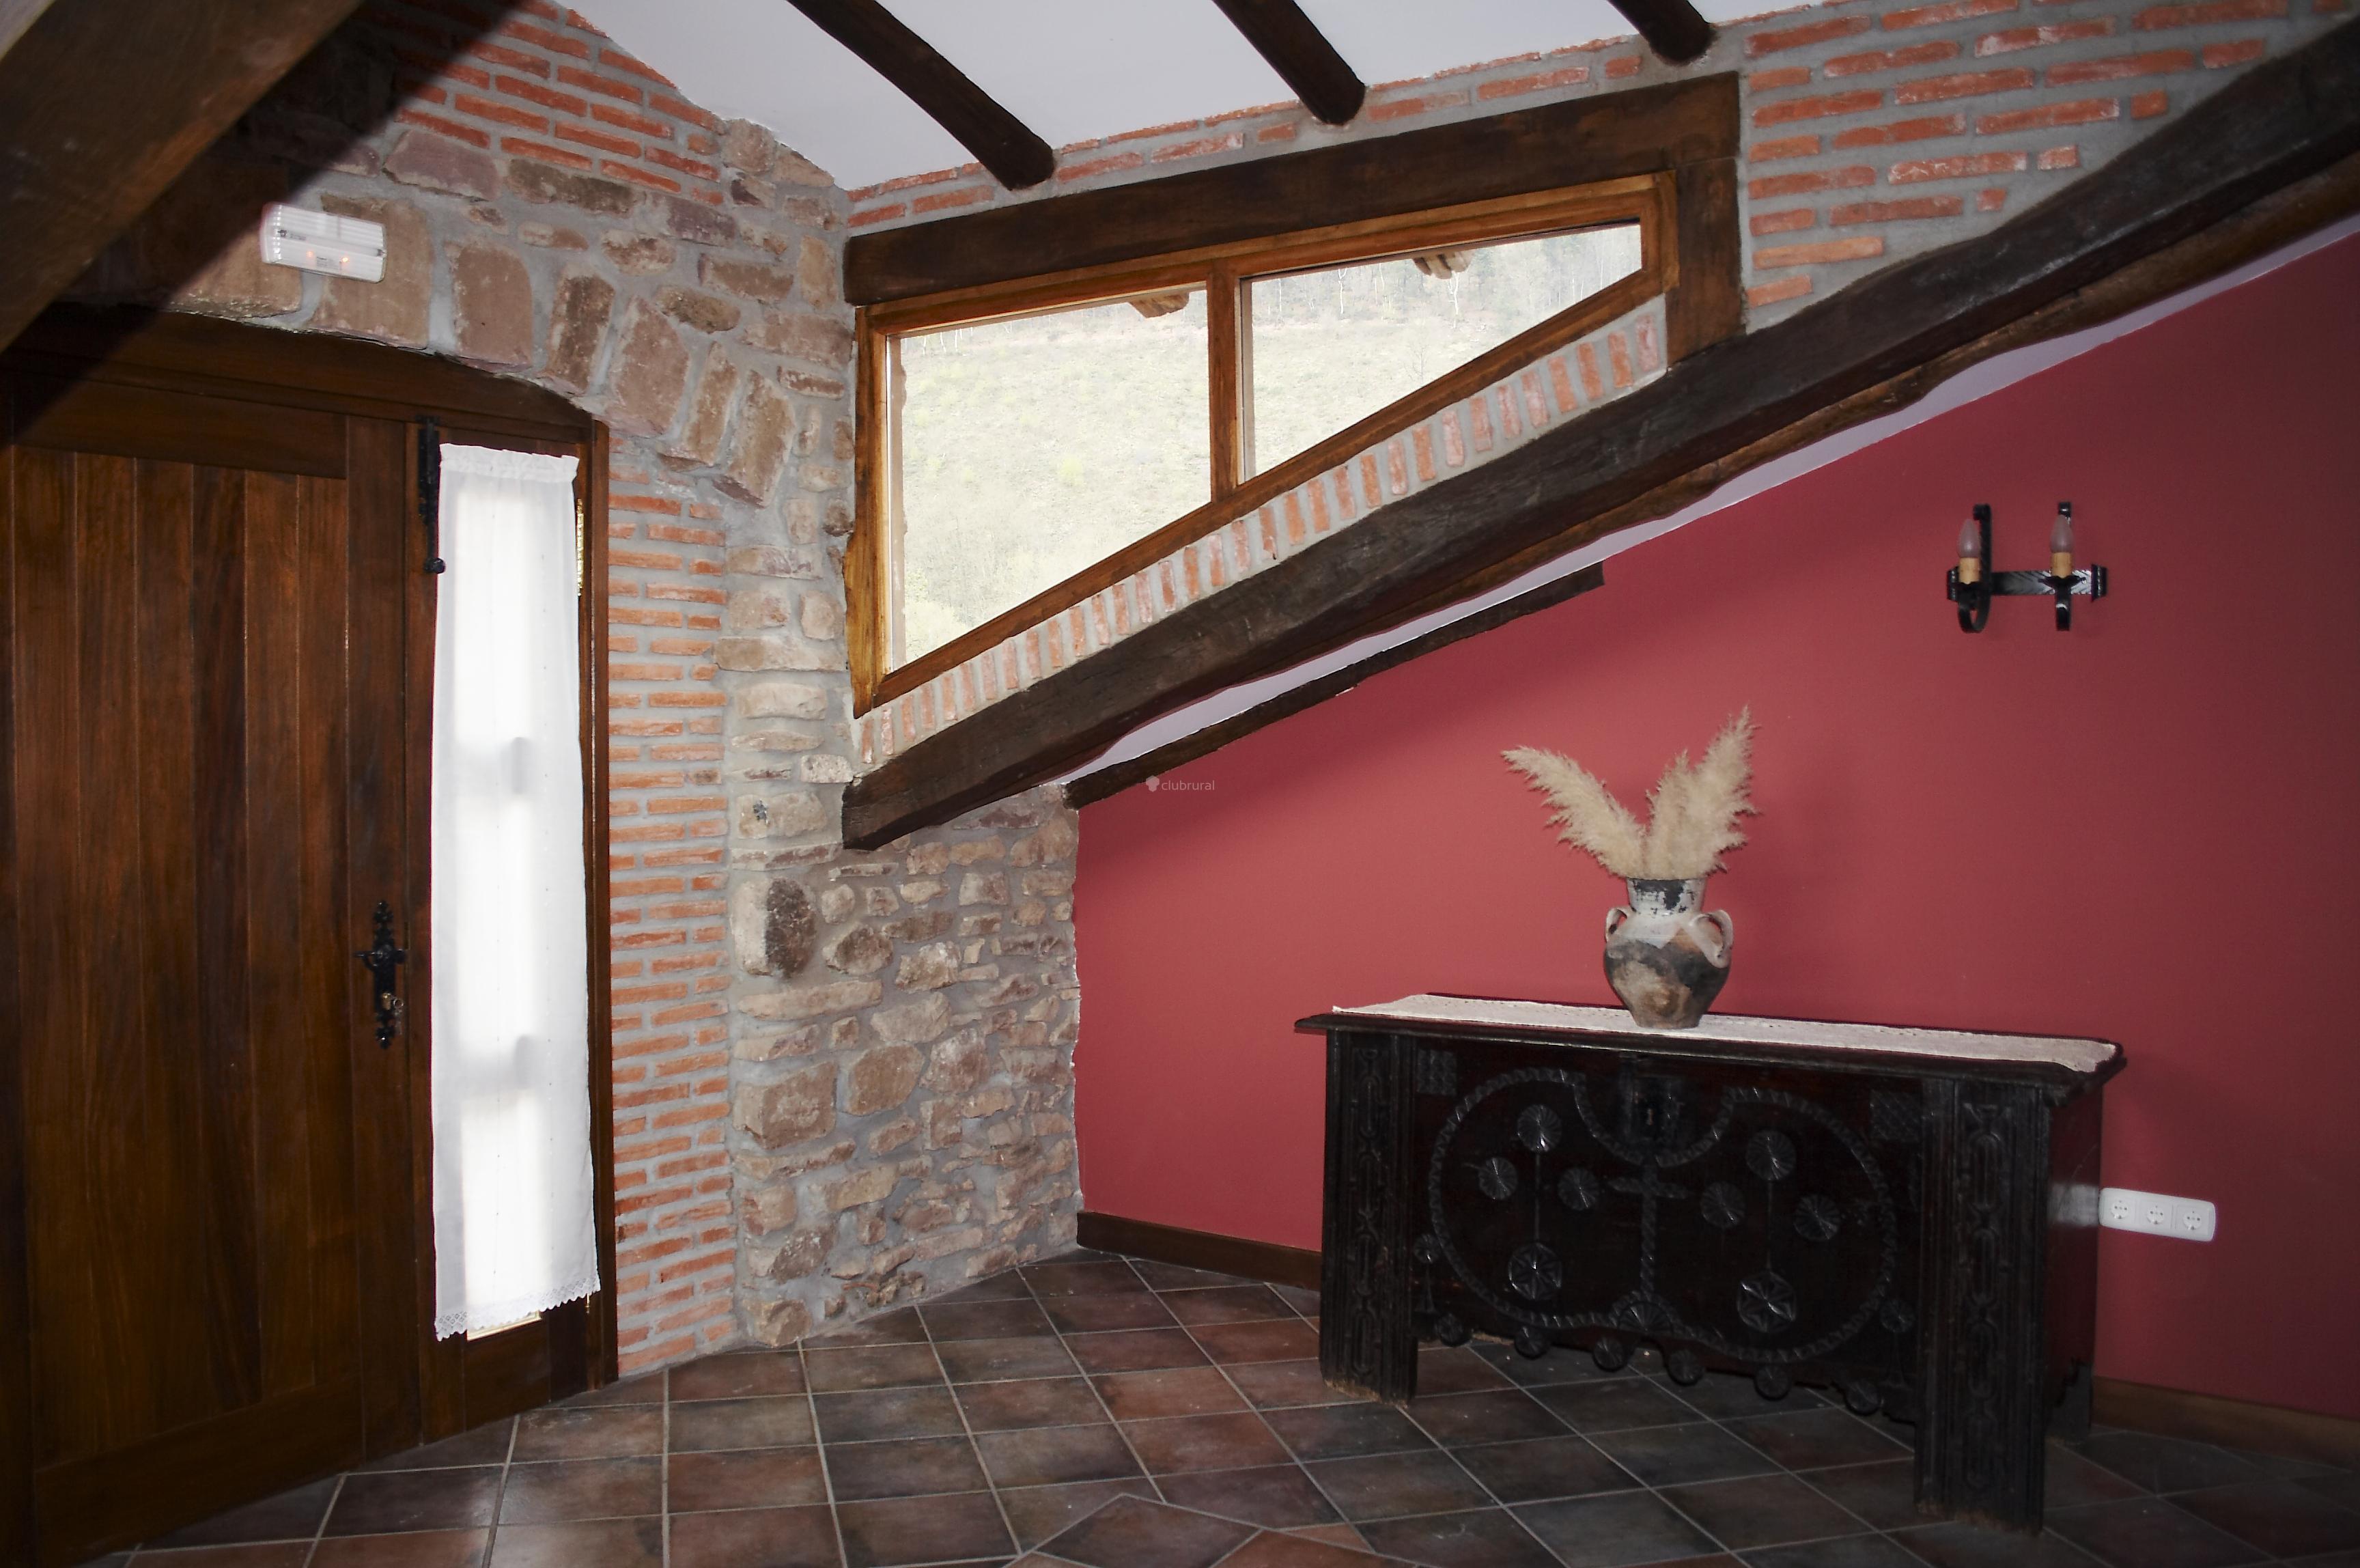 Fotos de argi enea guipuzcoa berastegi clubrural - Casa rural arginenea ...